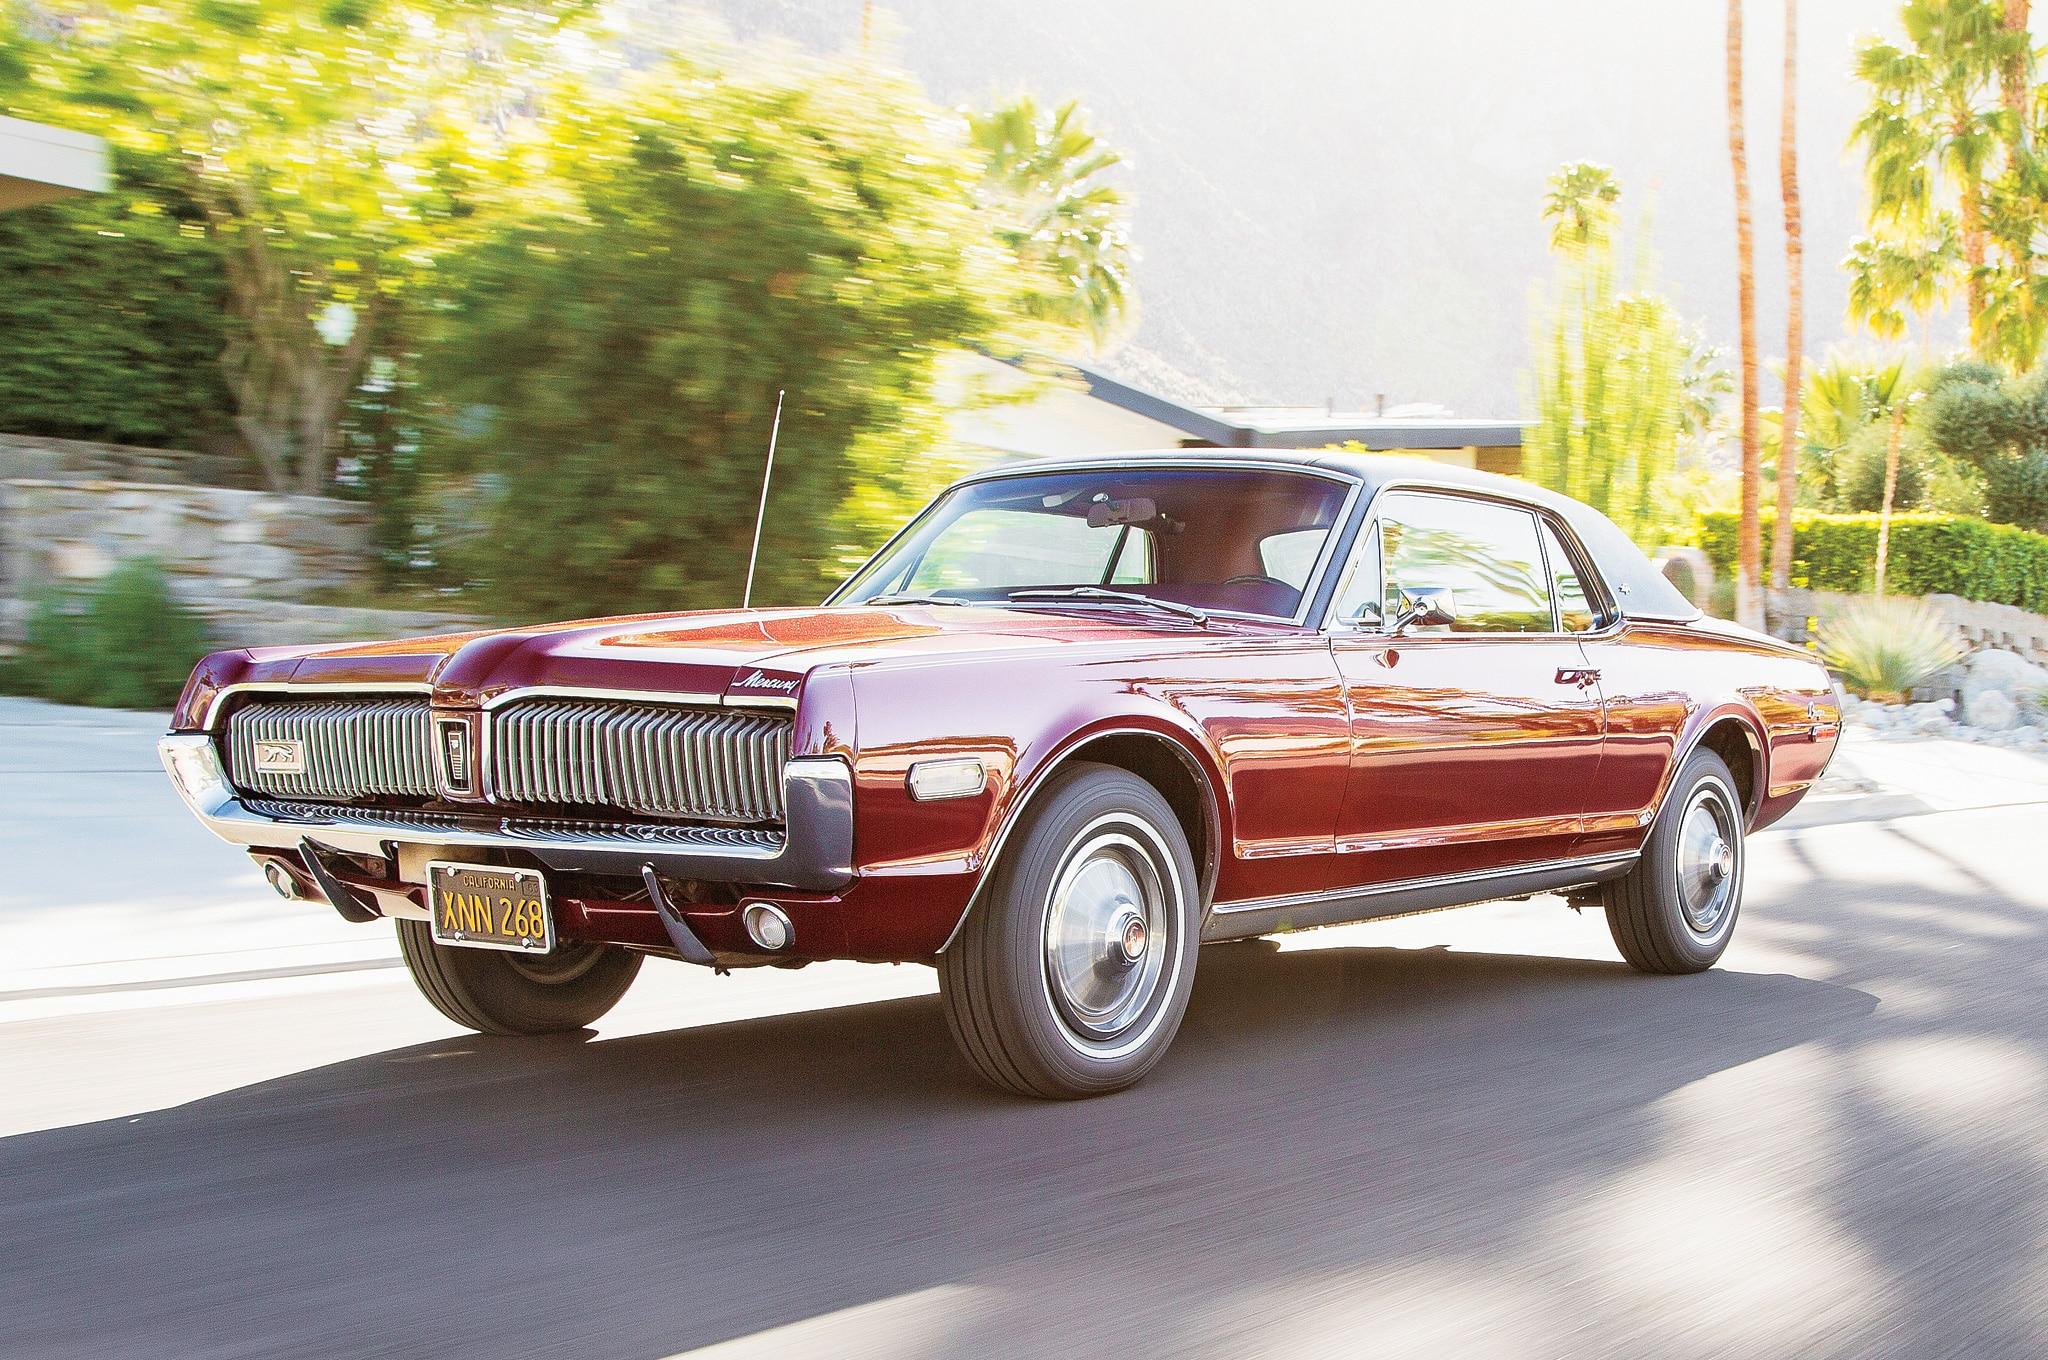 Mercury Cougar Car Shows